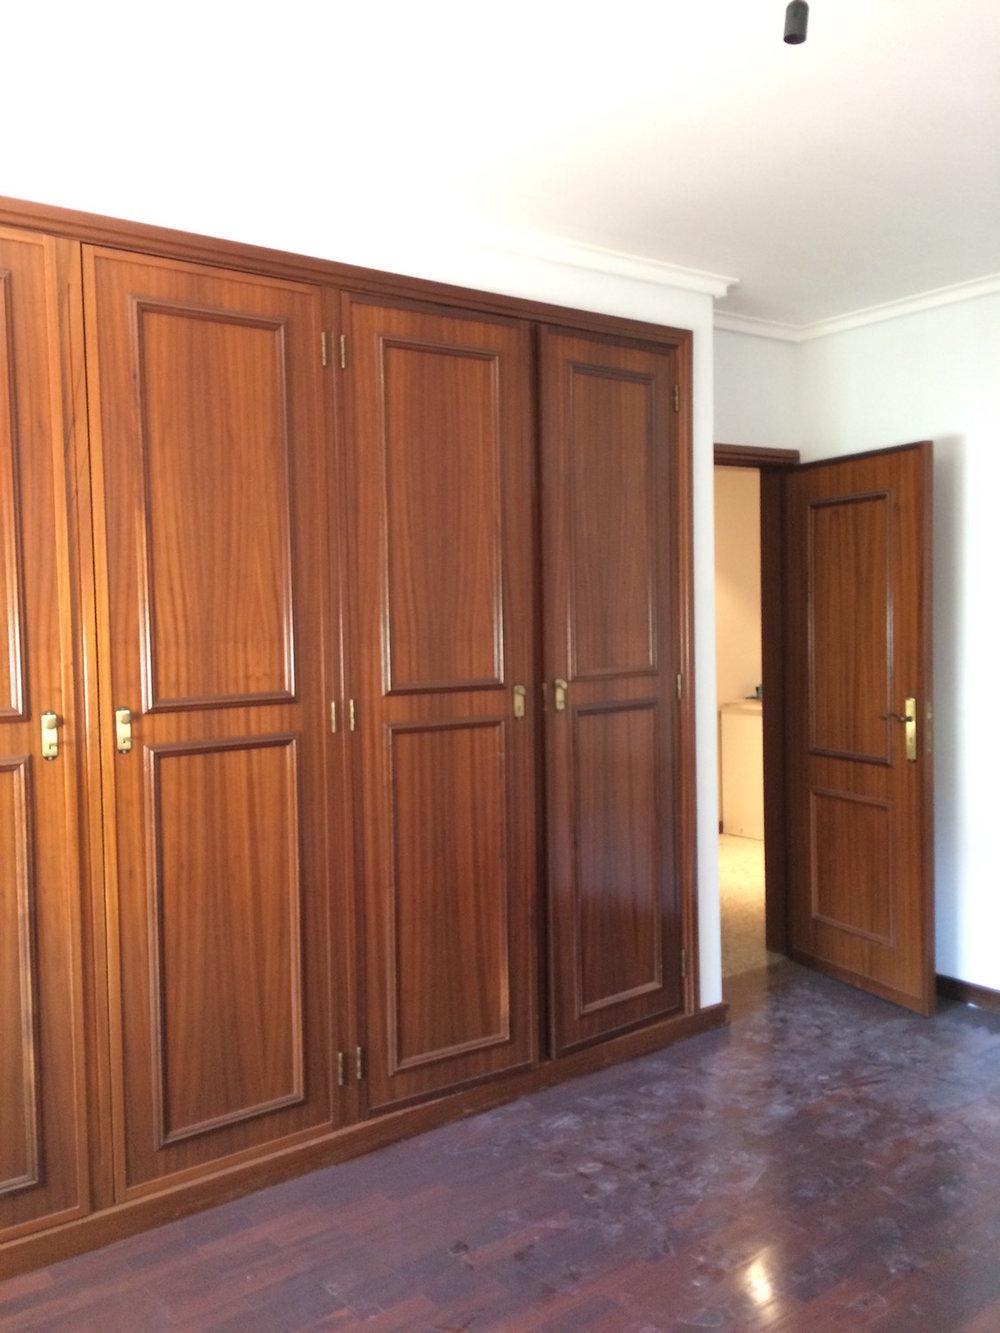 interior_apartamento_aveiro_aga_antes_04.jpg